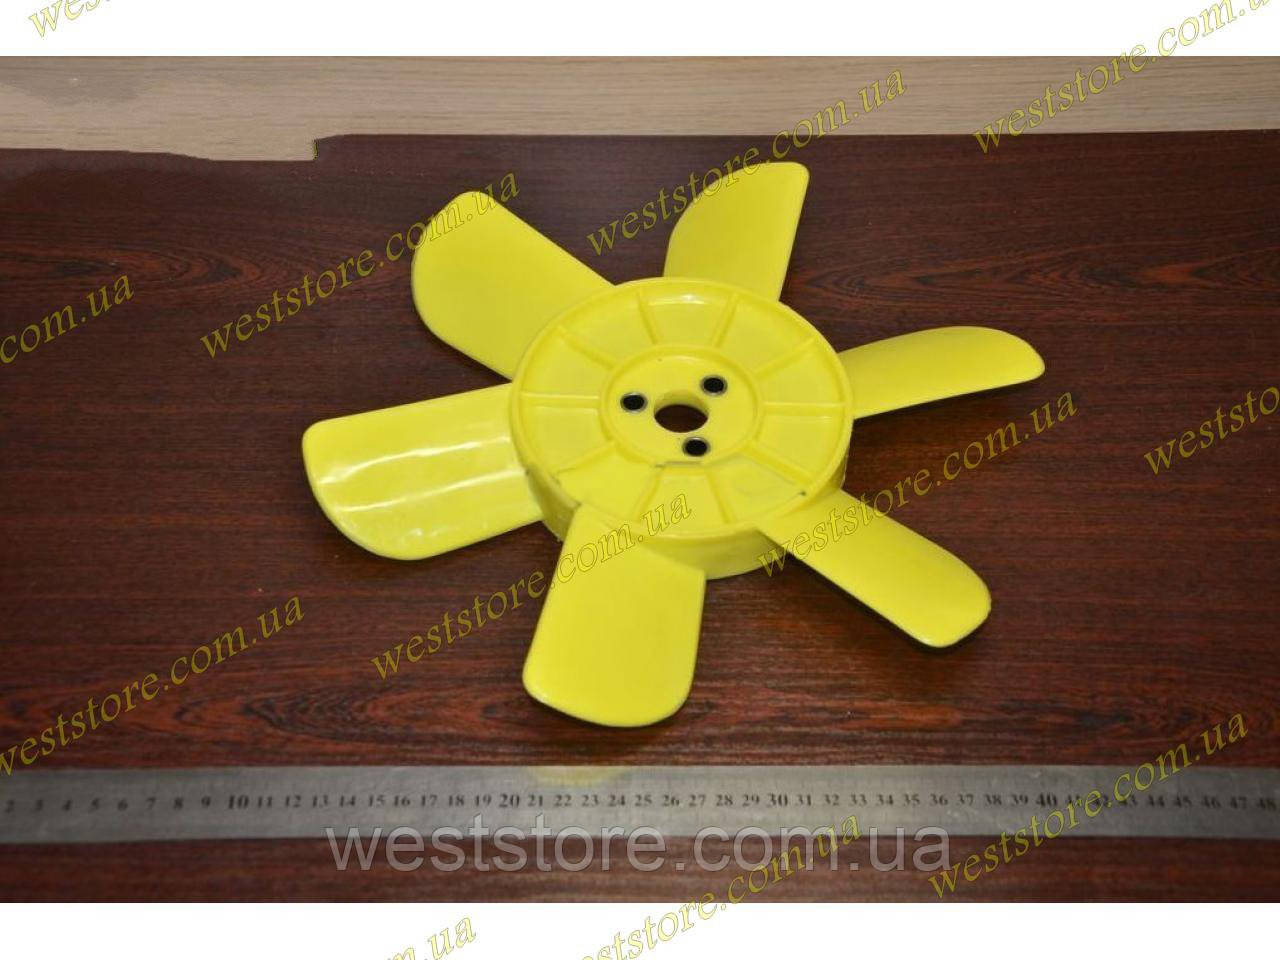 Крыльчатка вентилятора радиатора Ваз  2101 2102 2103 2104 2105 2106  6-ти лопастная  желтая Украина